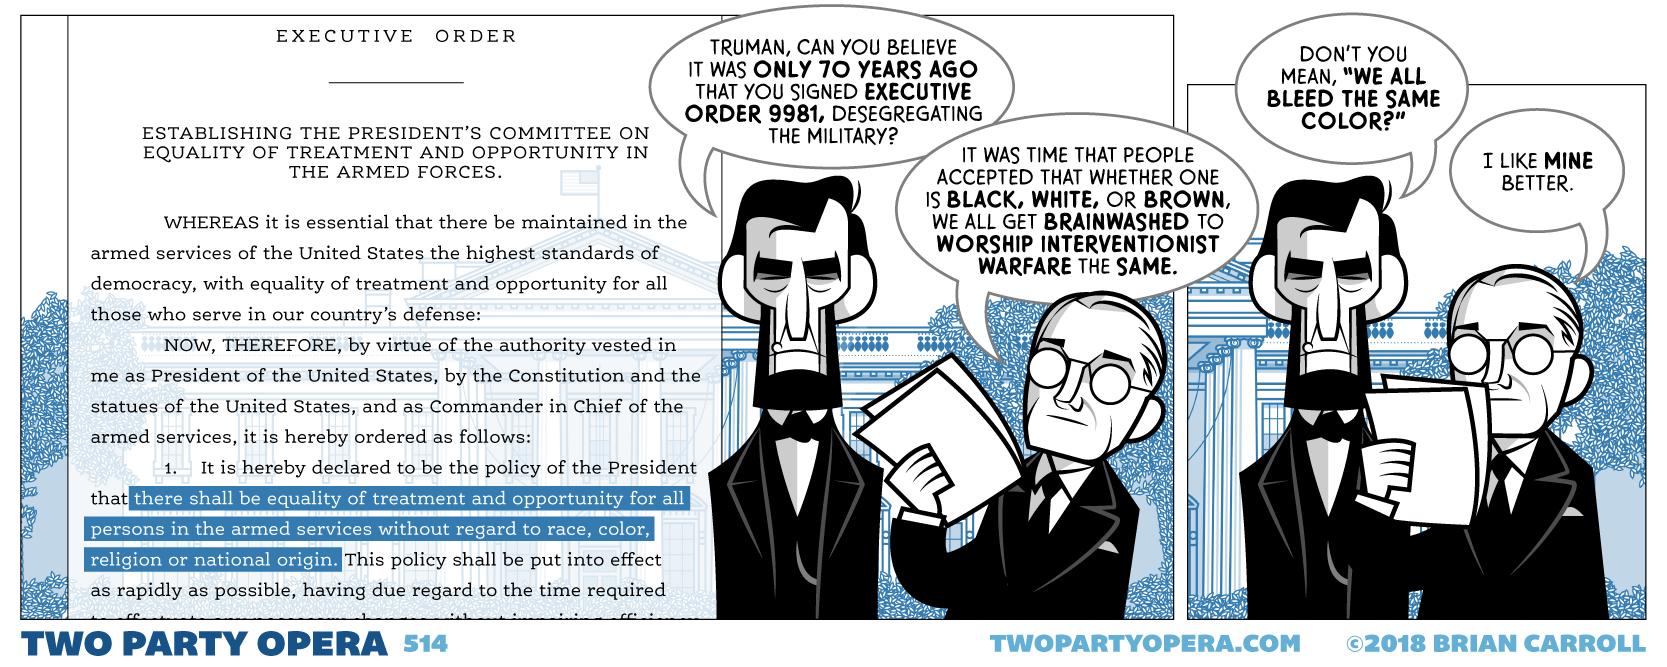 Executive Order 9981